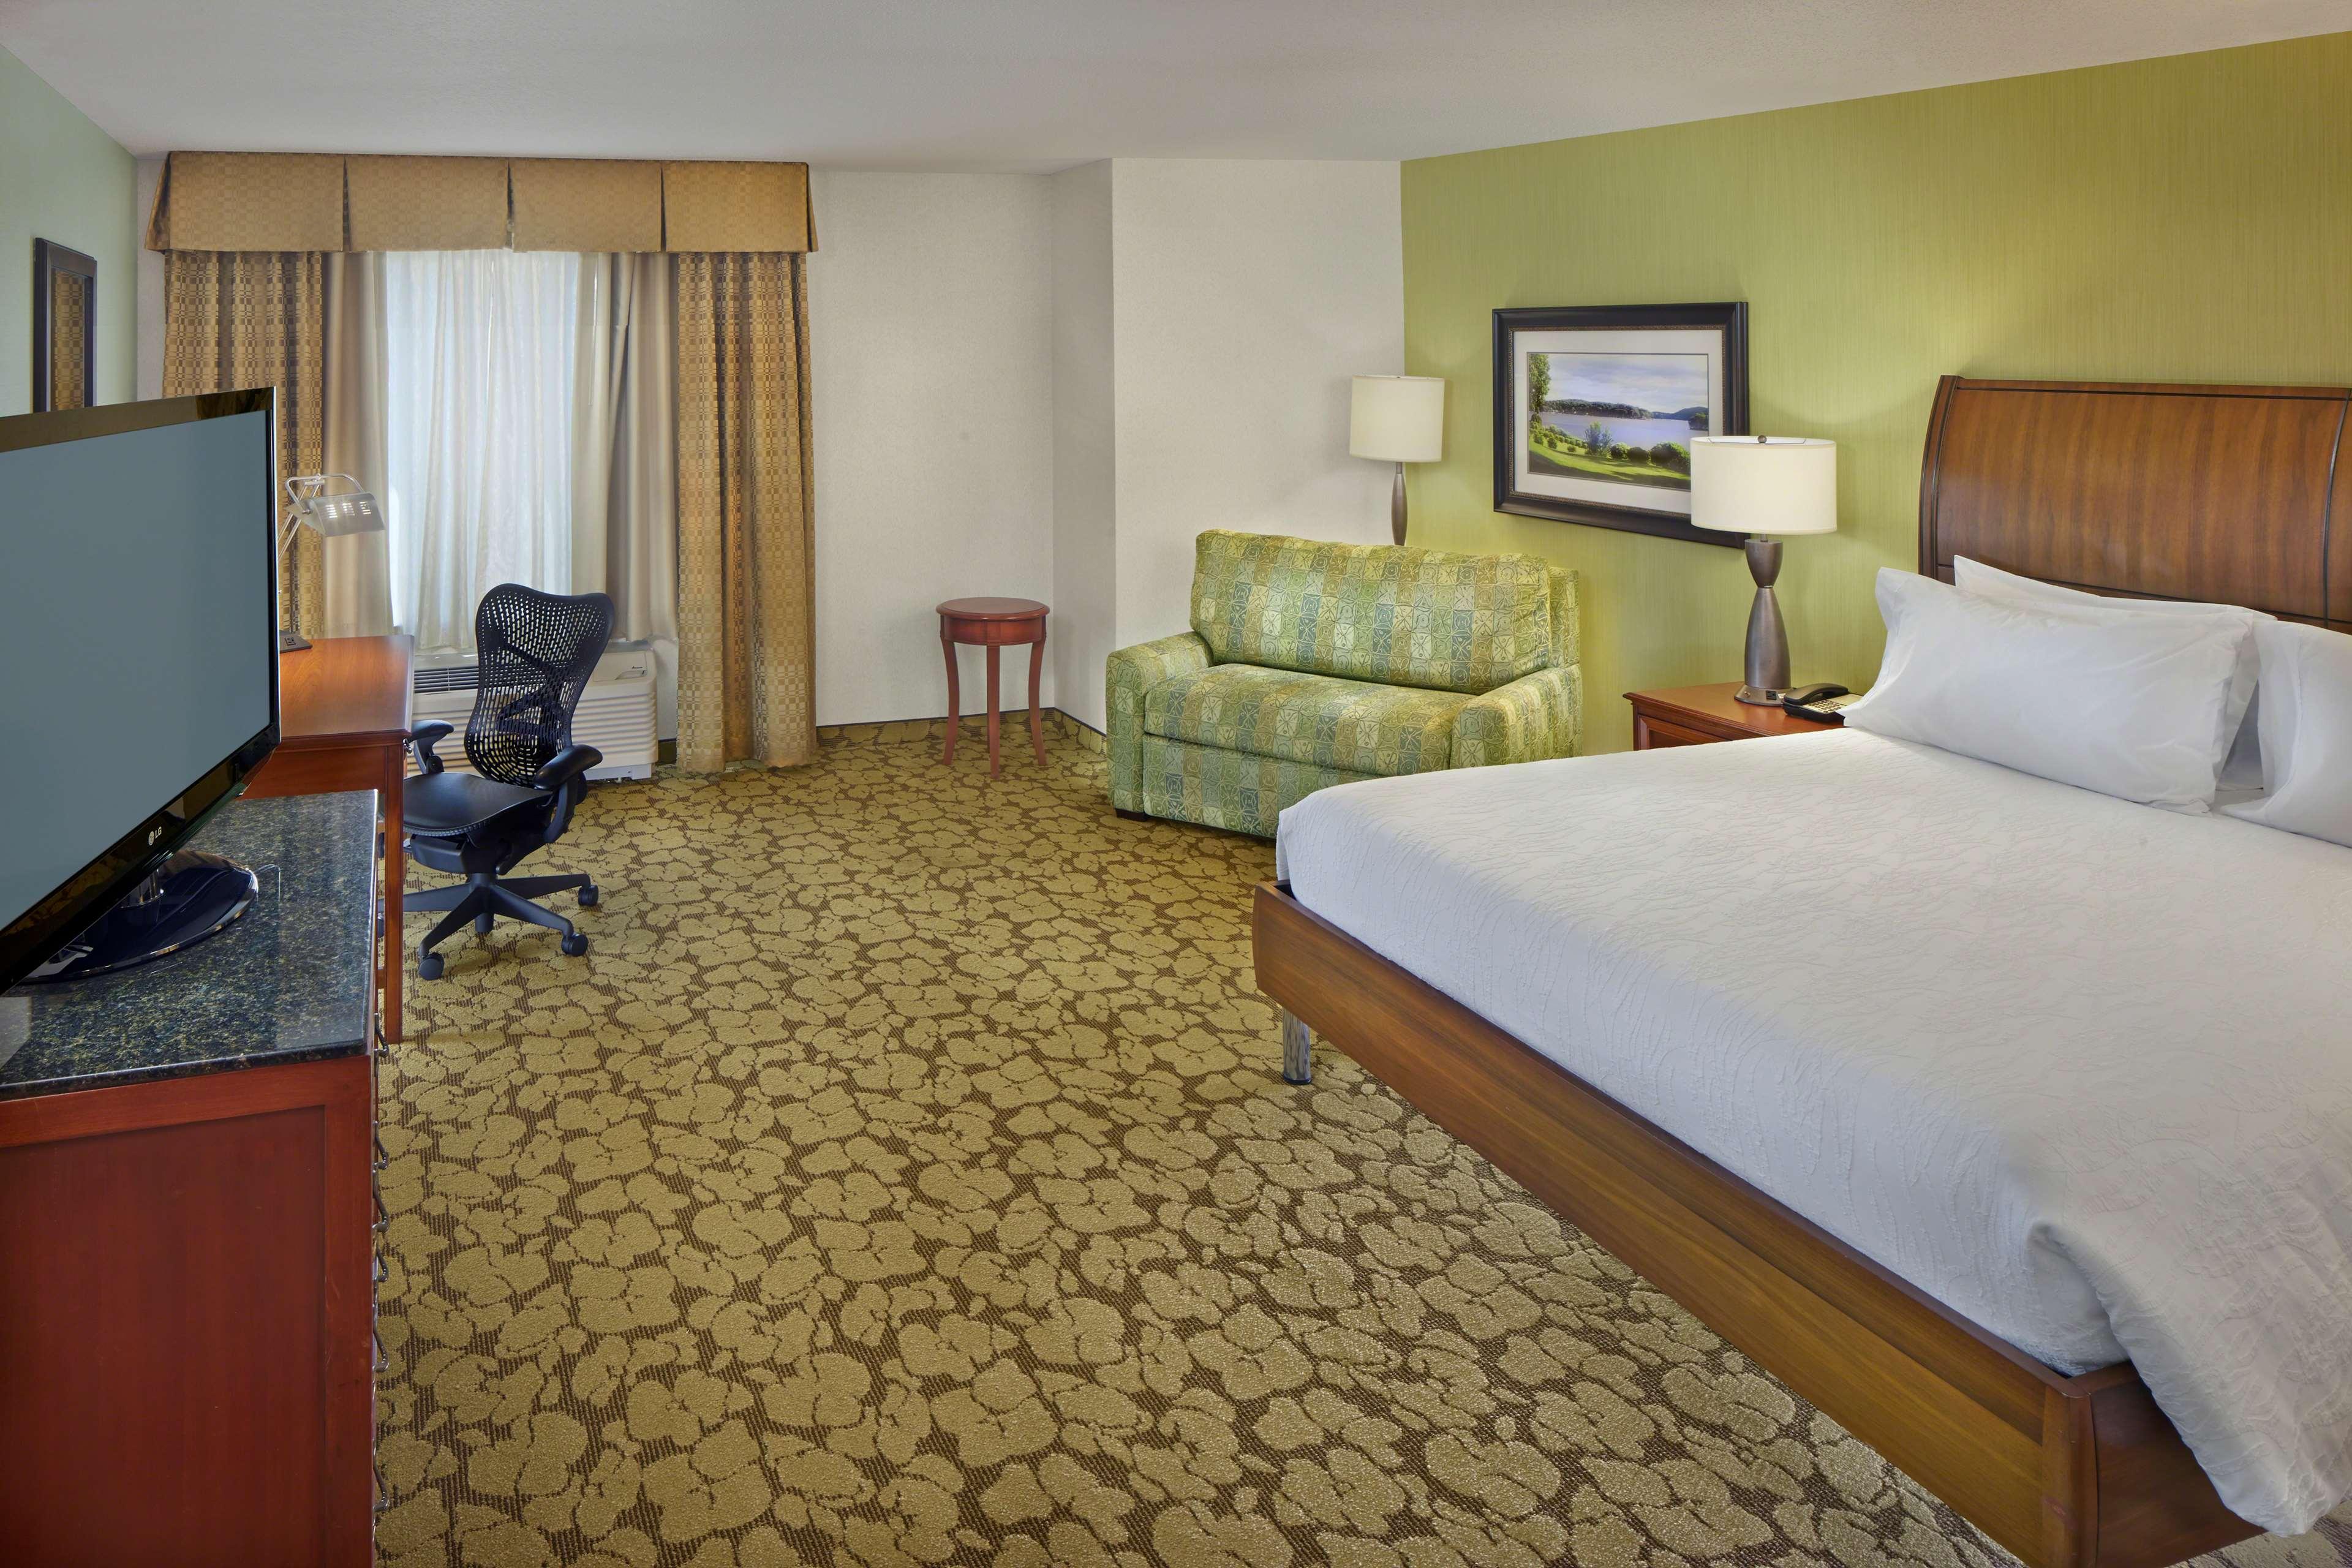 Hilton Garden Inn Danbury image 16